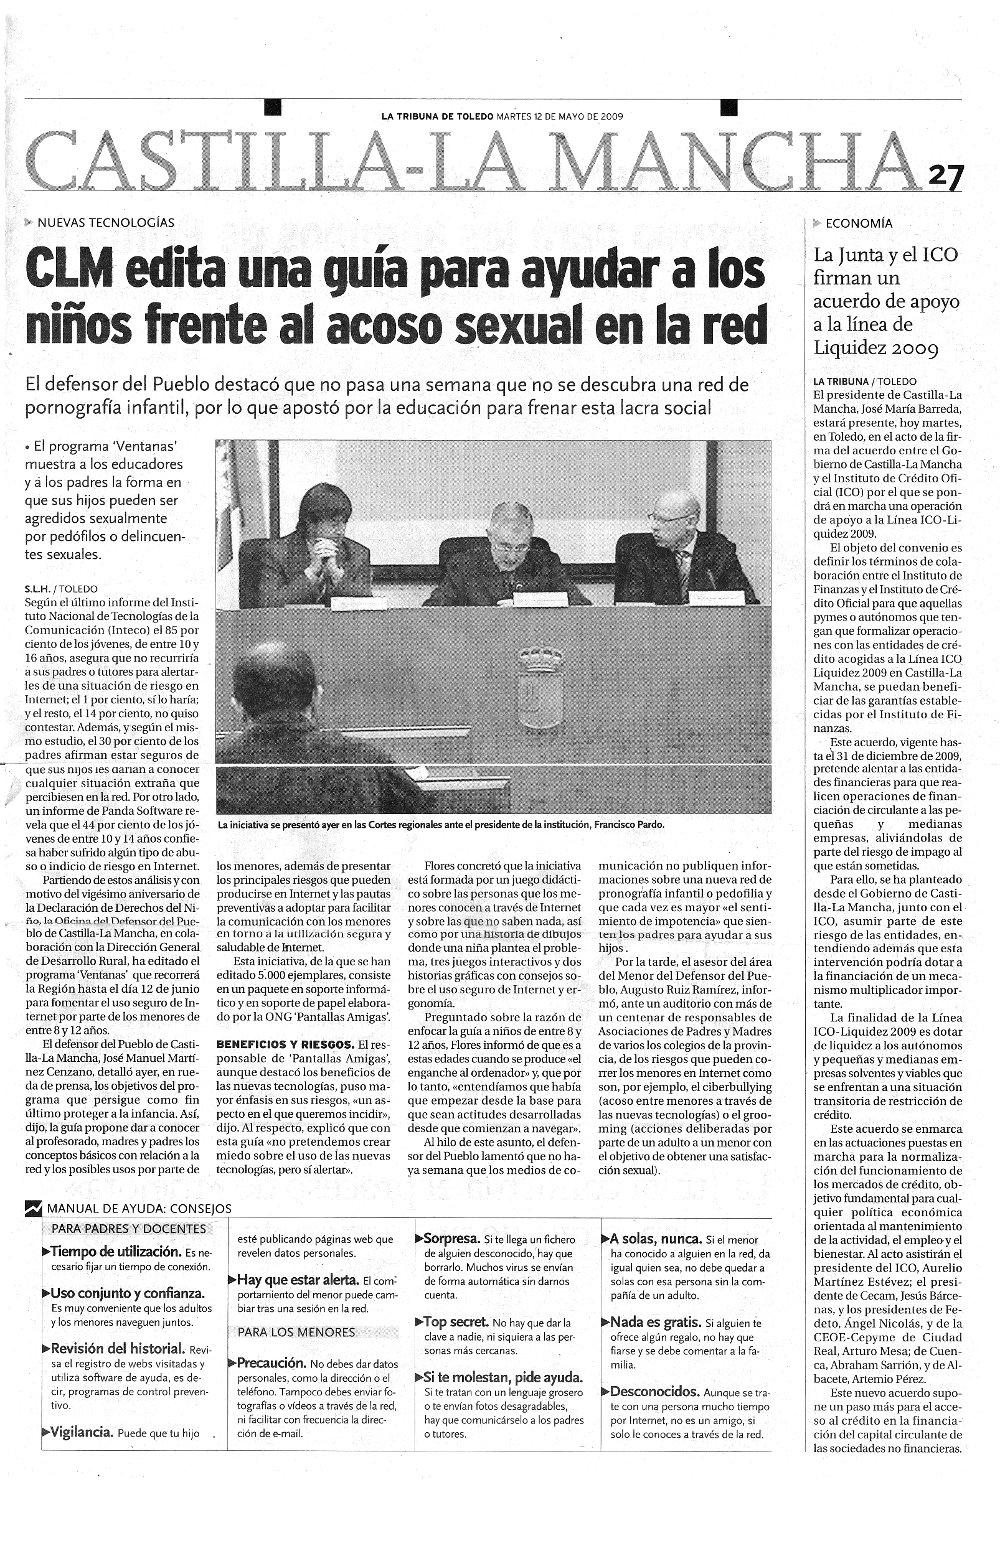 CLM edita una guía para ayudar a los niños frente al acoso sexual en la red